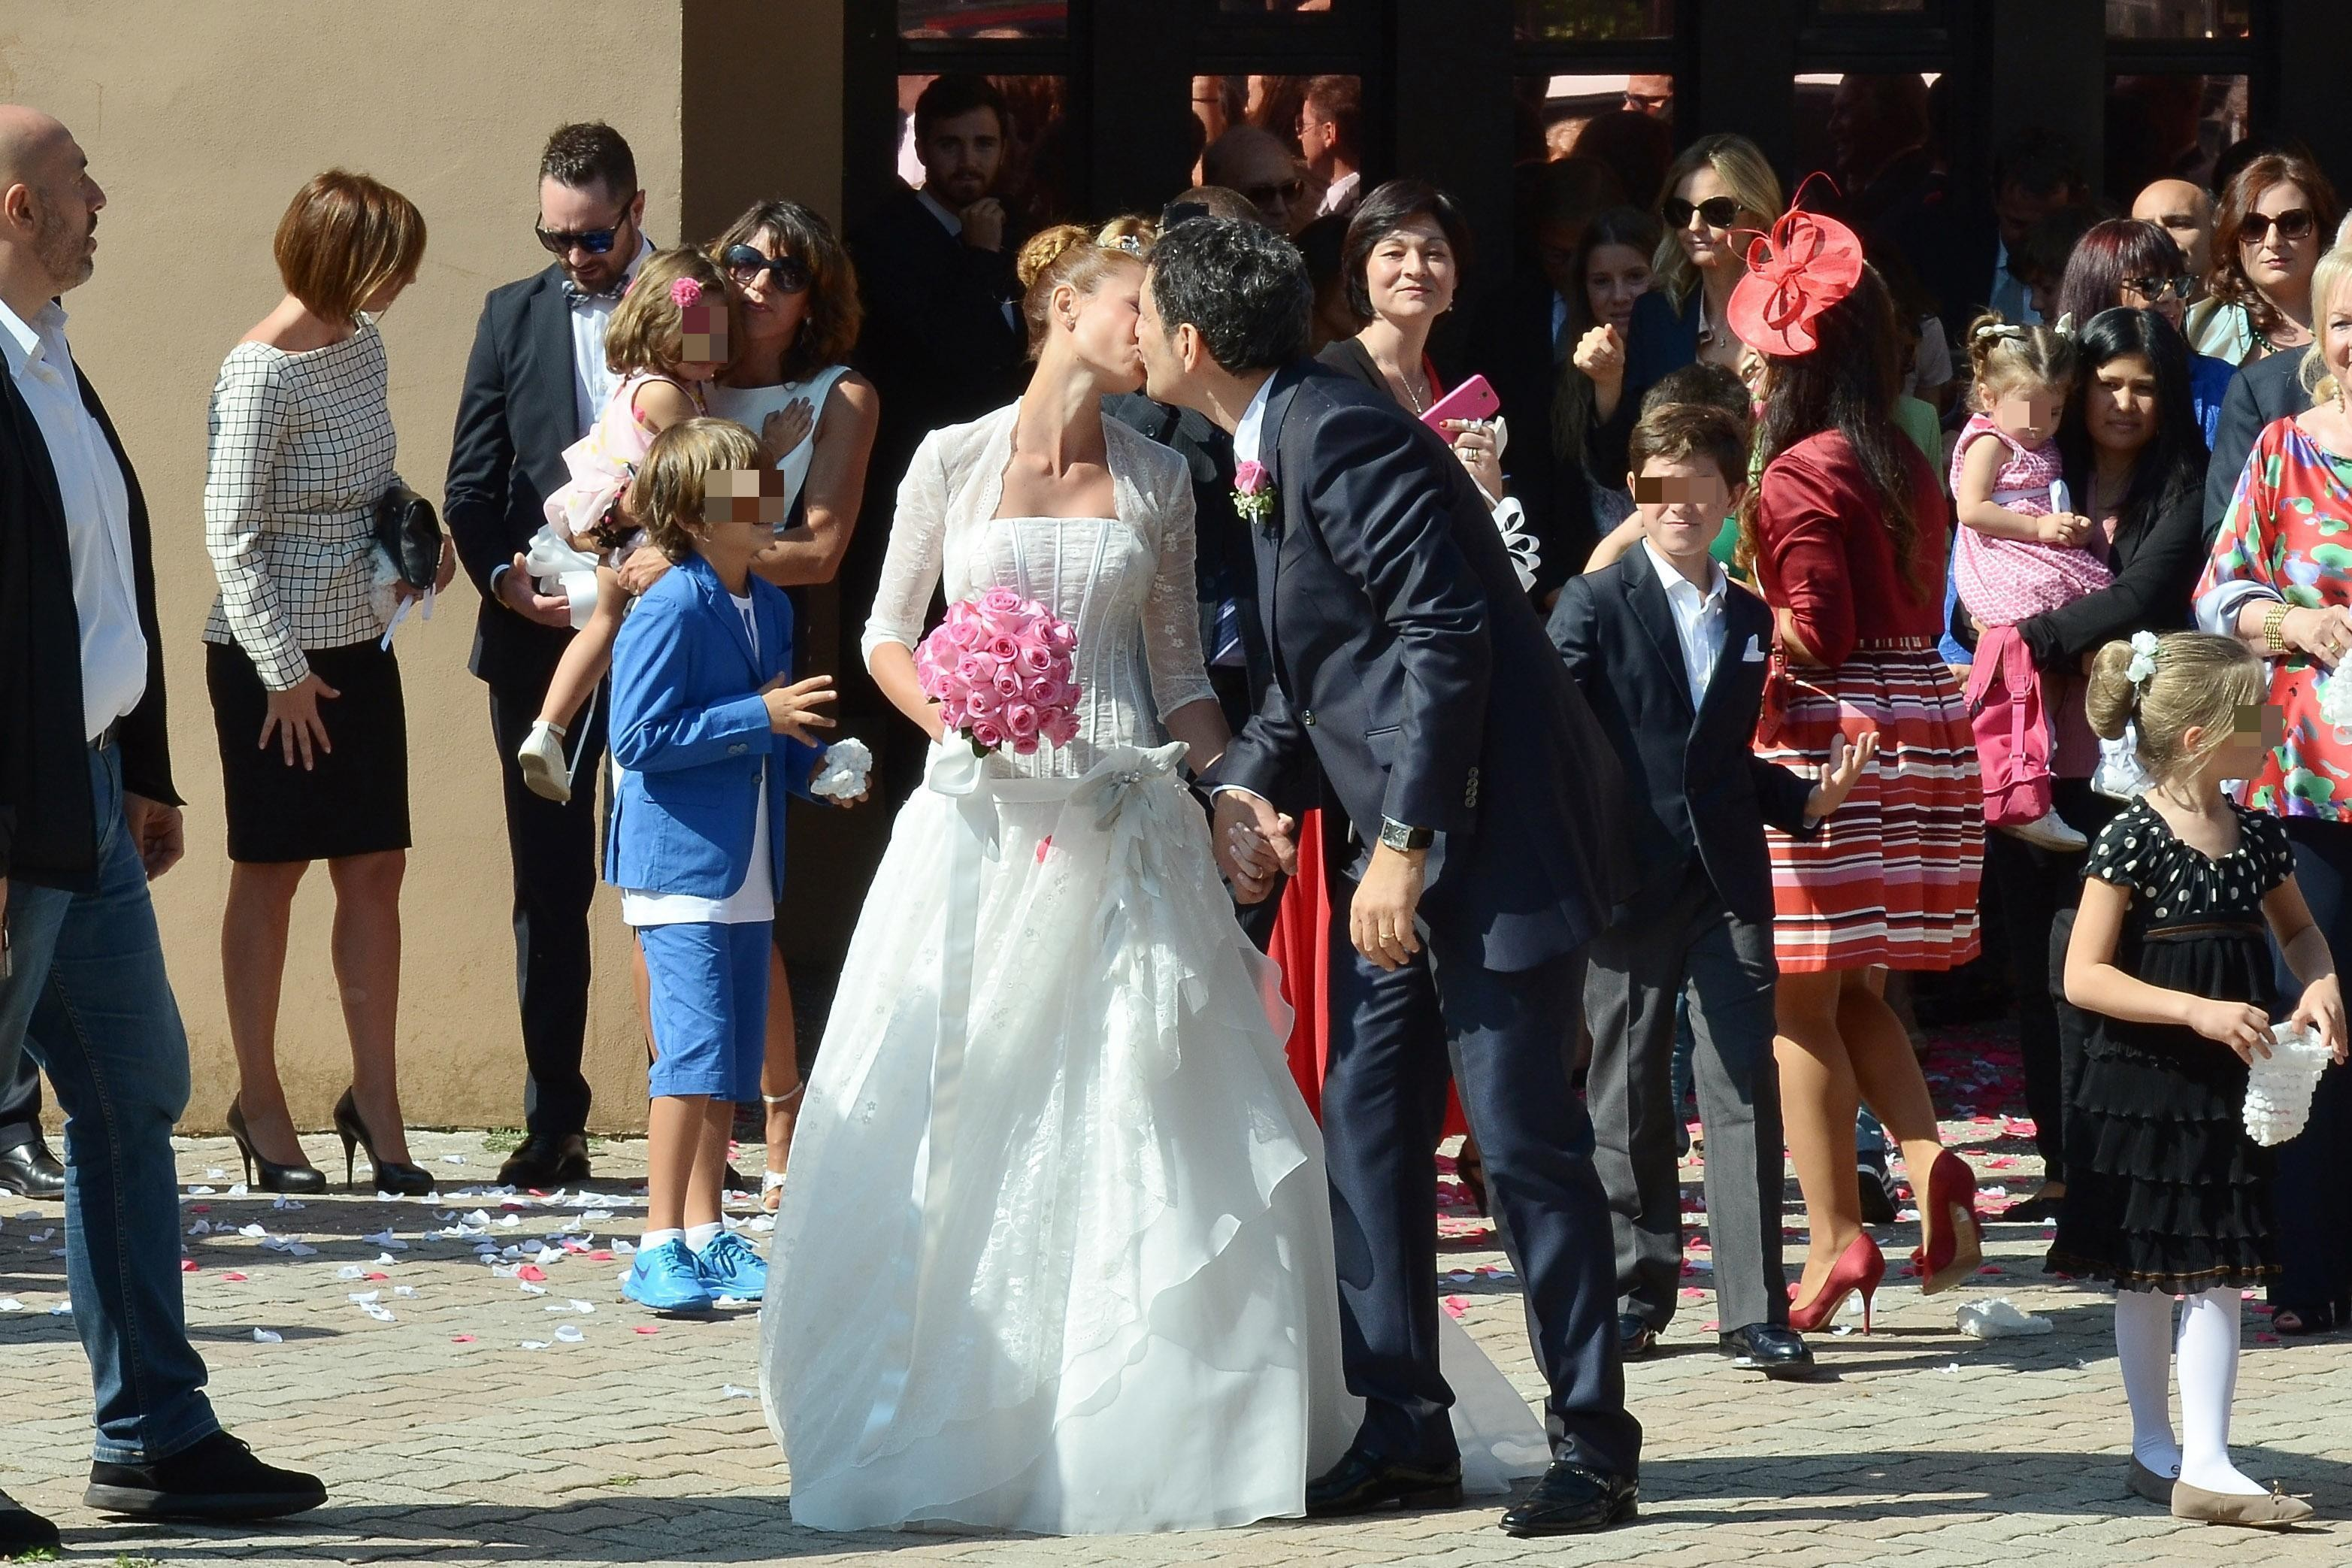 Frizzi mantovan le foto del matrimonio bella magazine for Fabrizio frizzi e carlotta mantovan